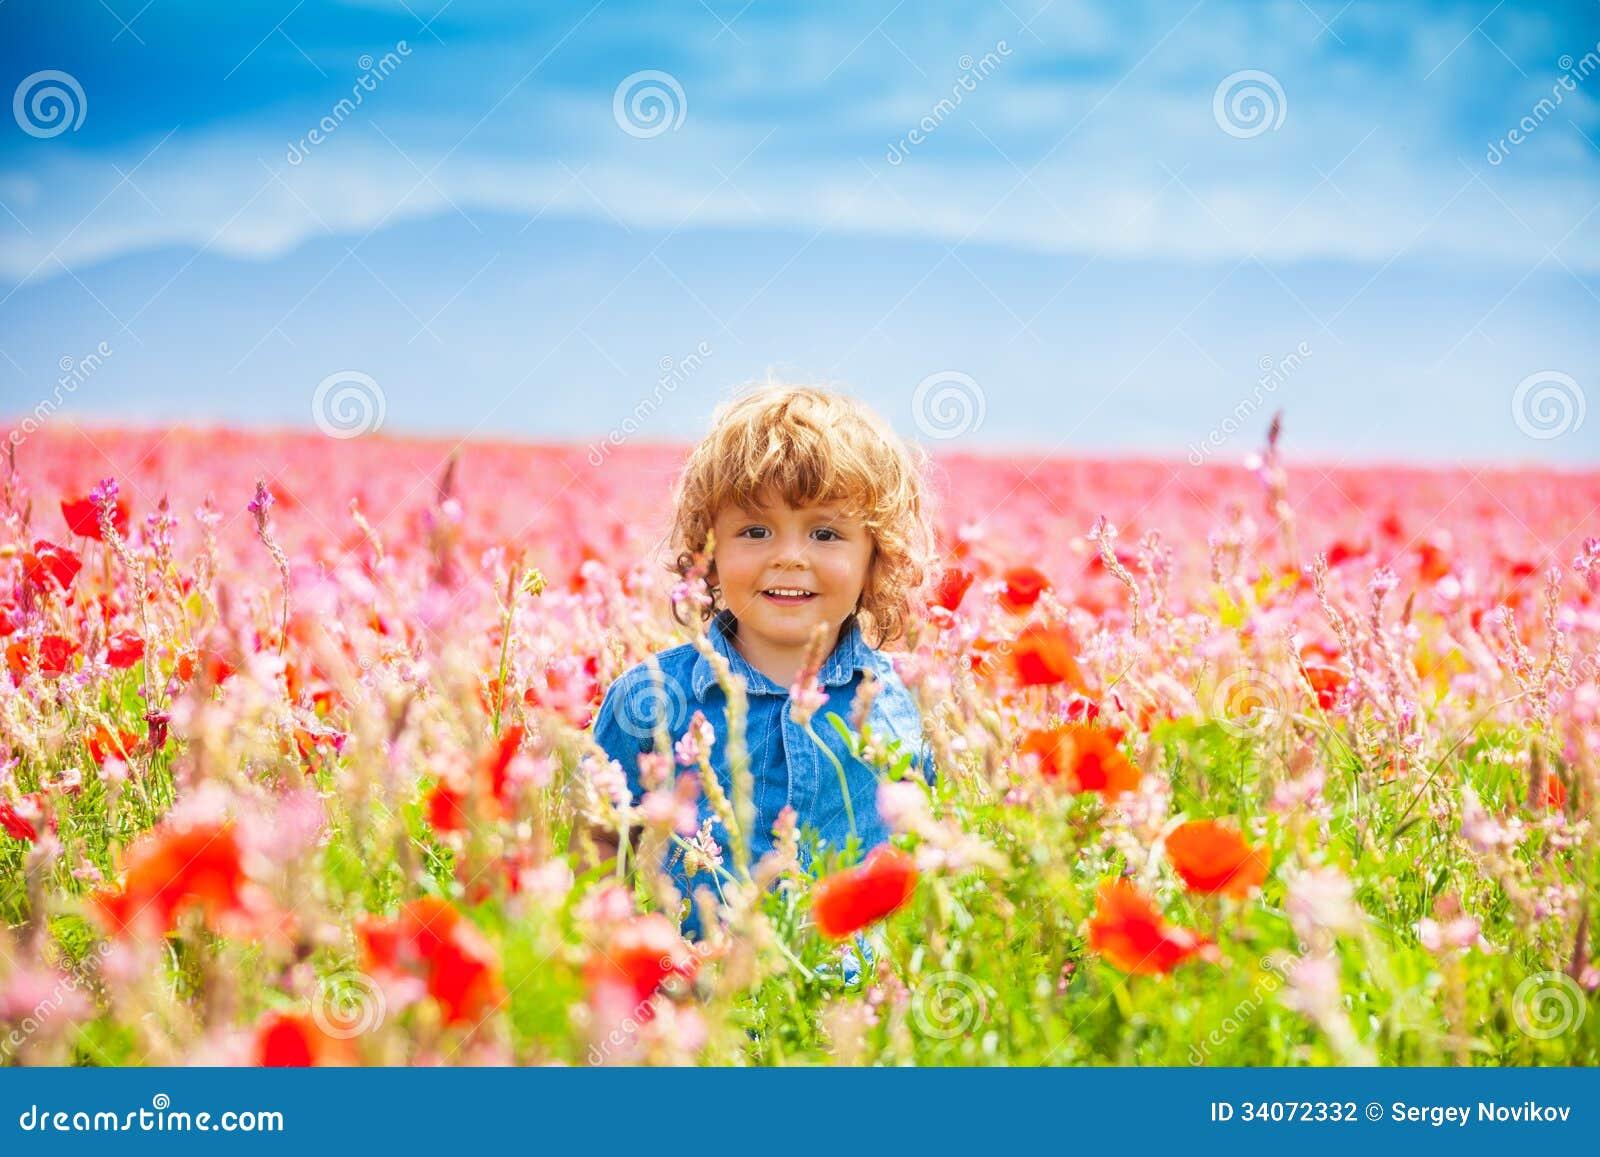 Χαμογελώντας μικρό παιδί στον τομέα παπαρουνών